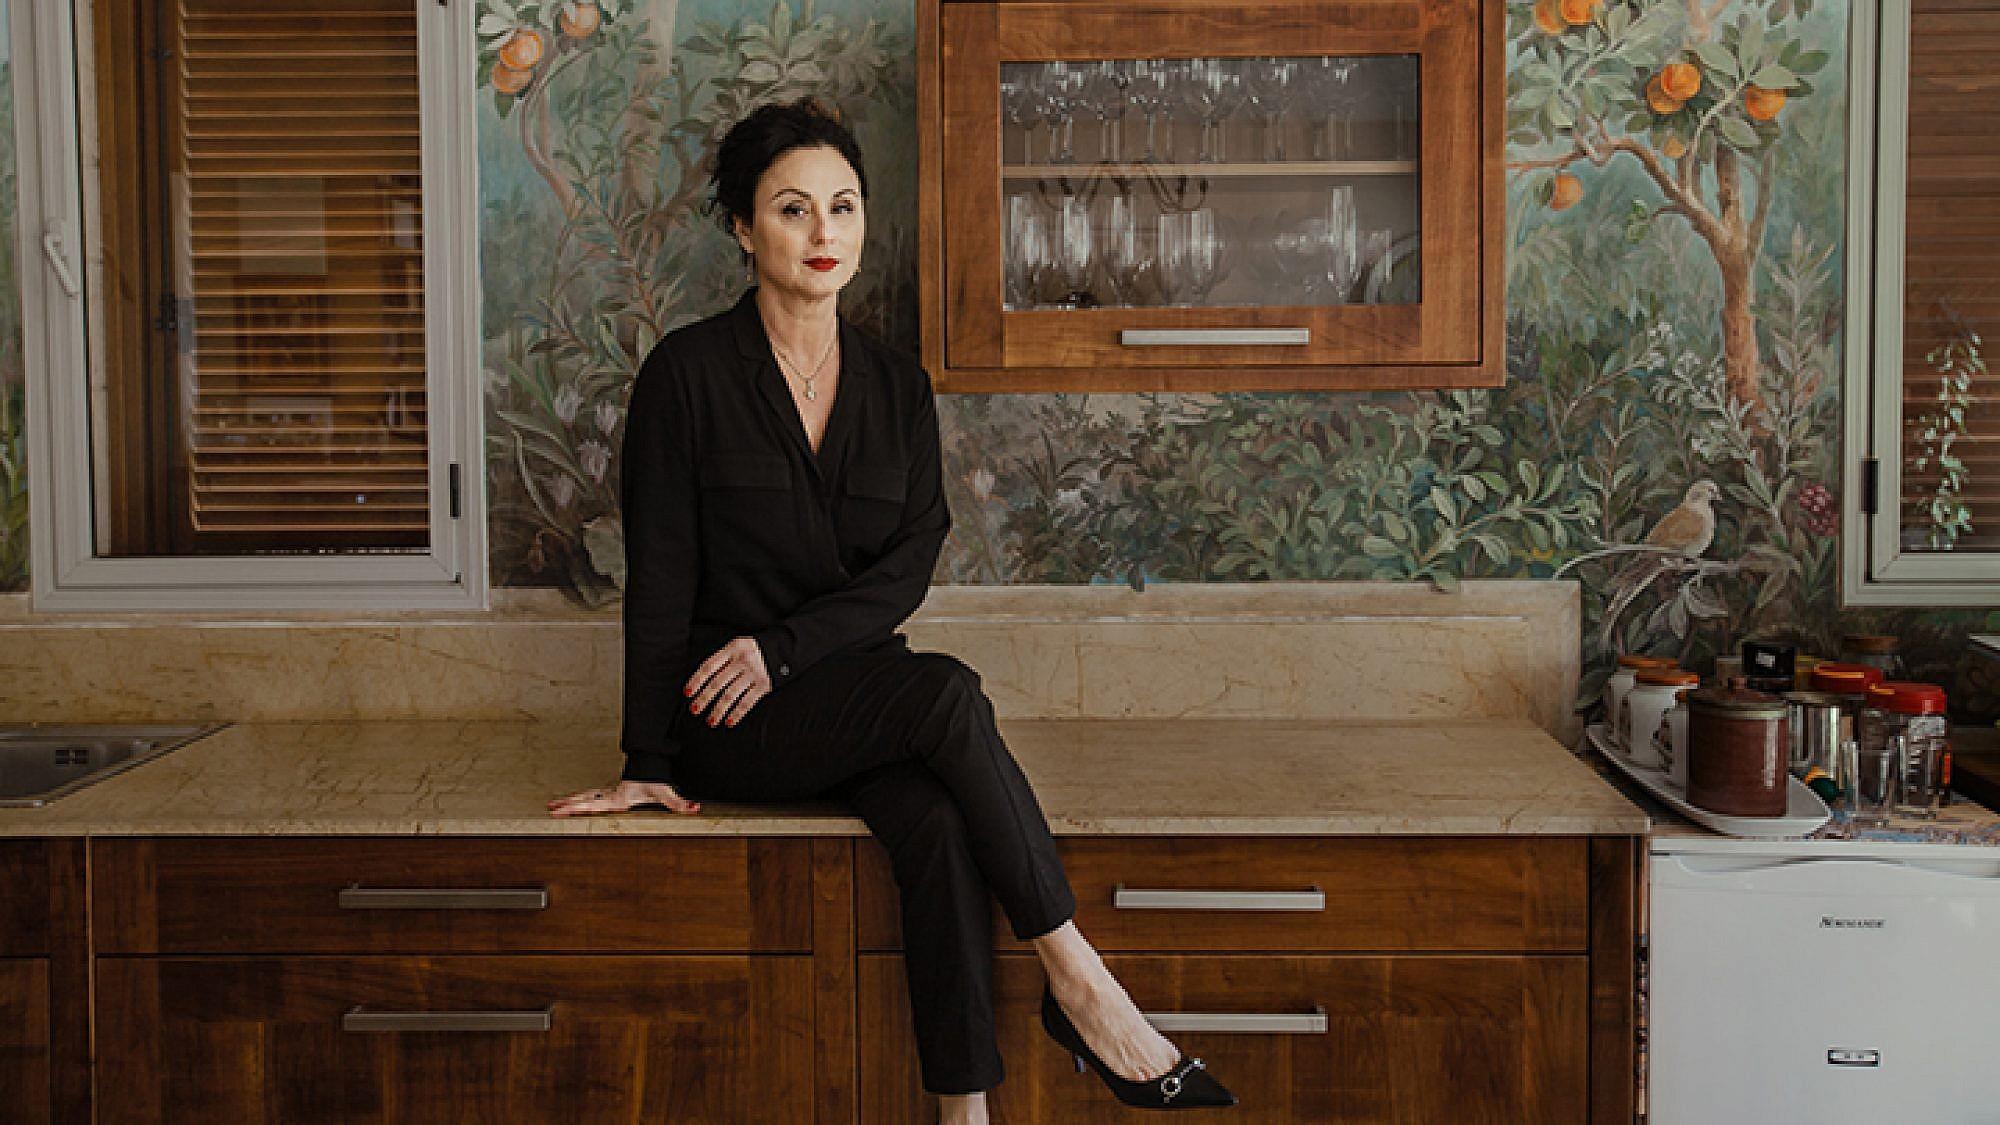 חנה אזולאי הספרי   צילום: ליה צ'סנוקוב